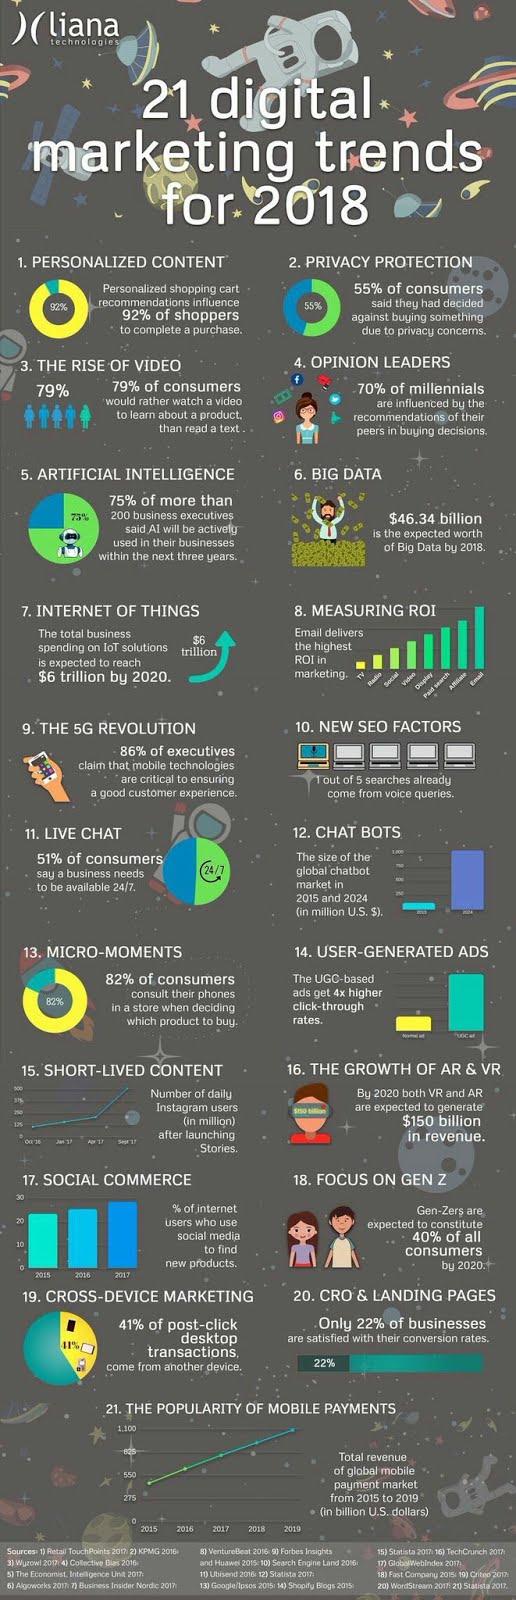 21 #digital marketing trends 2018